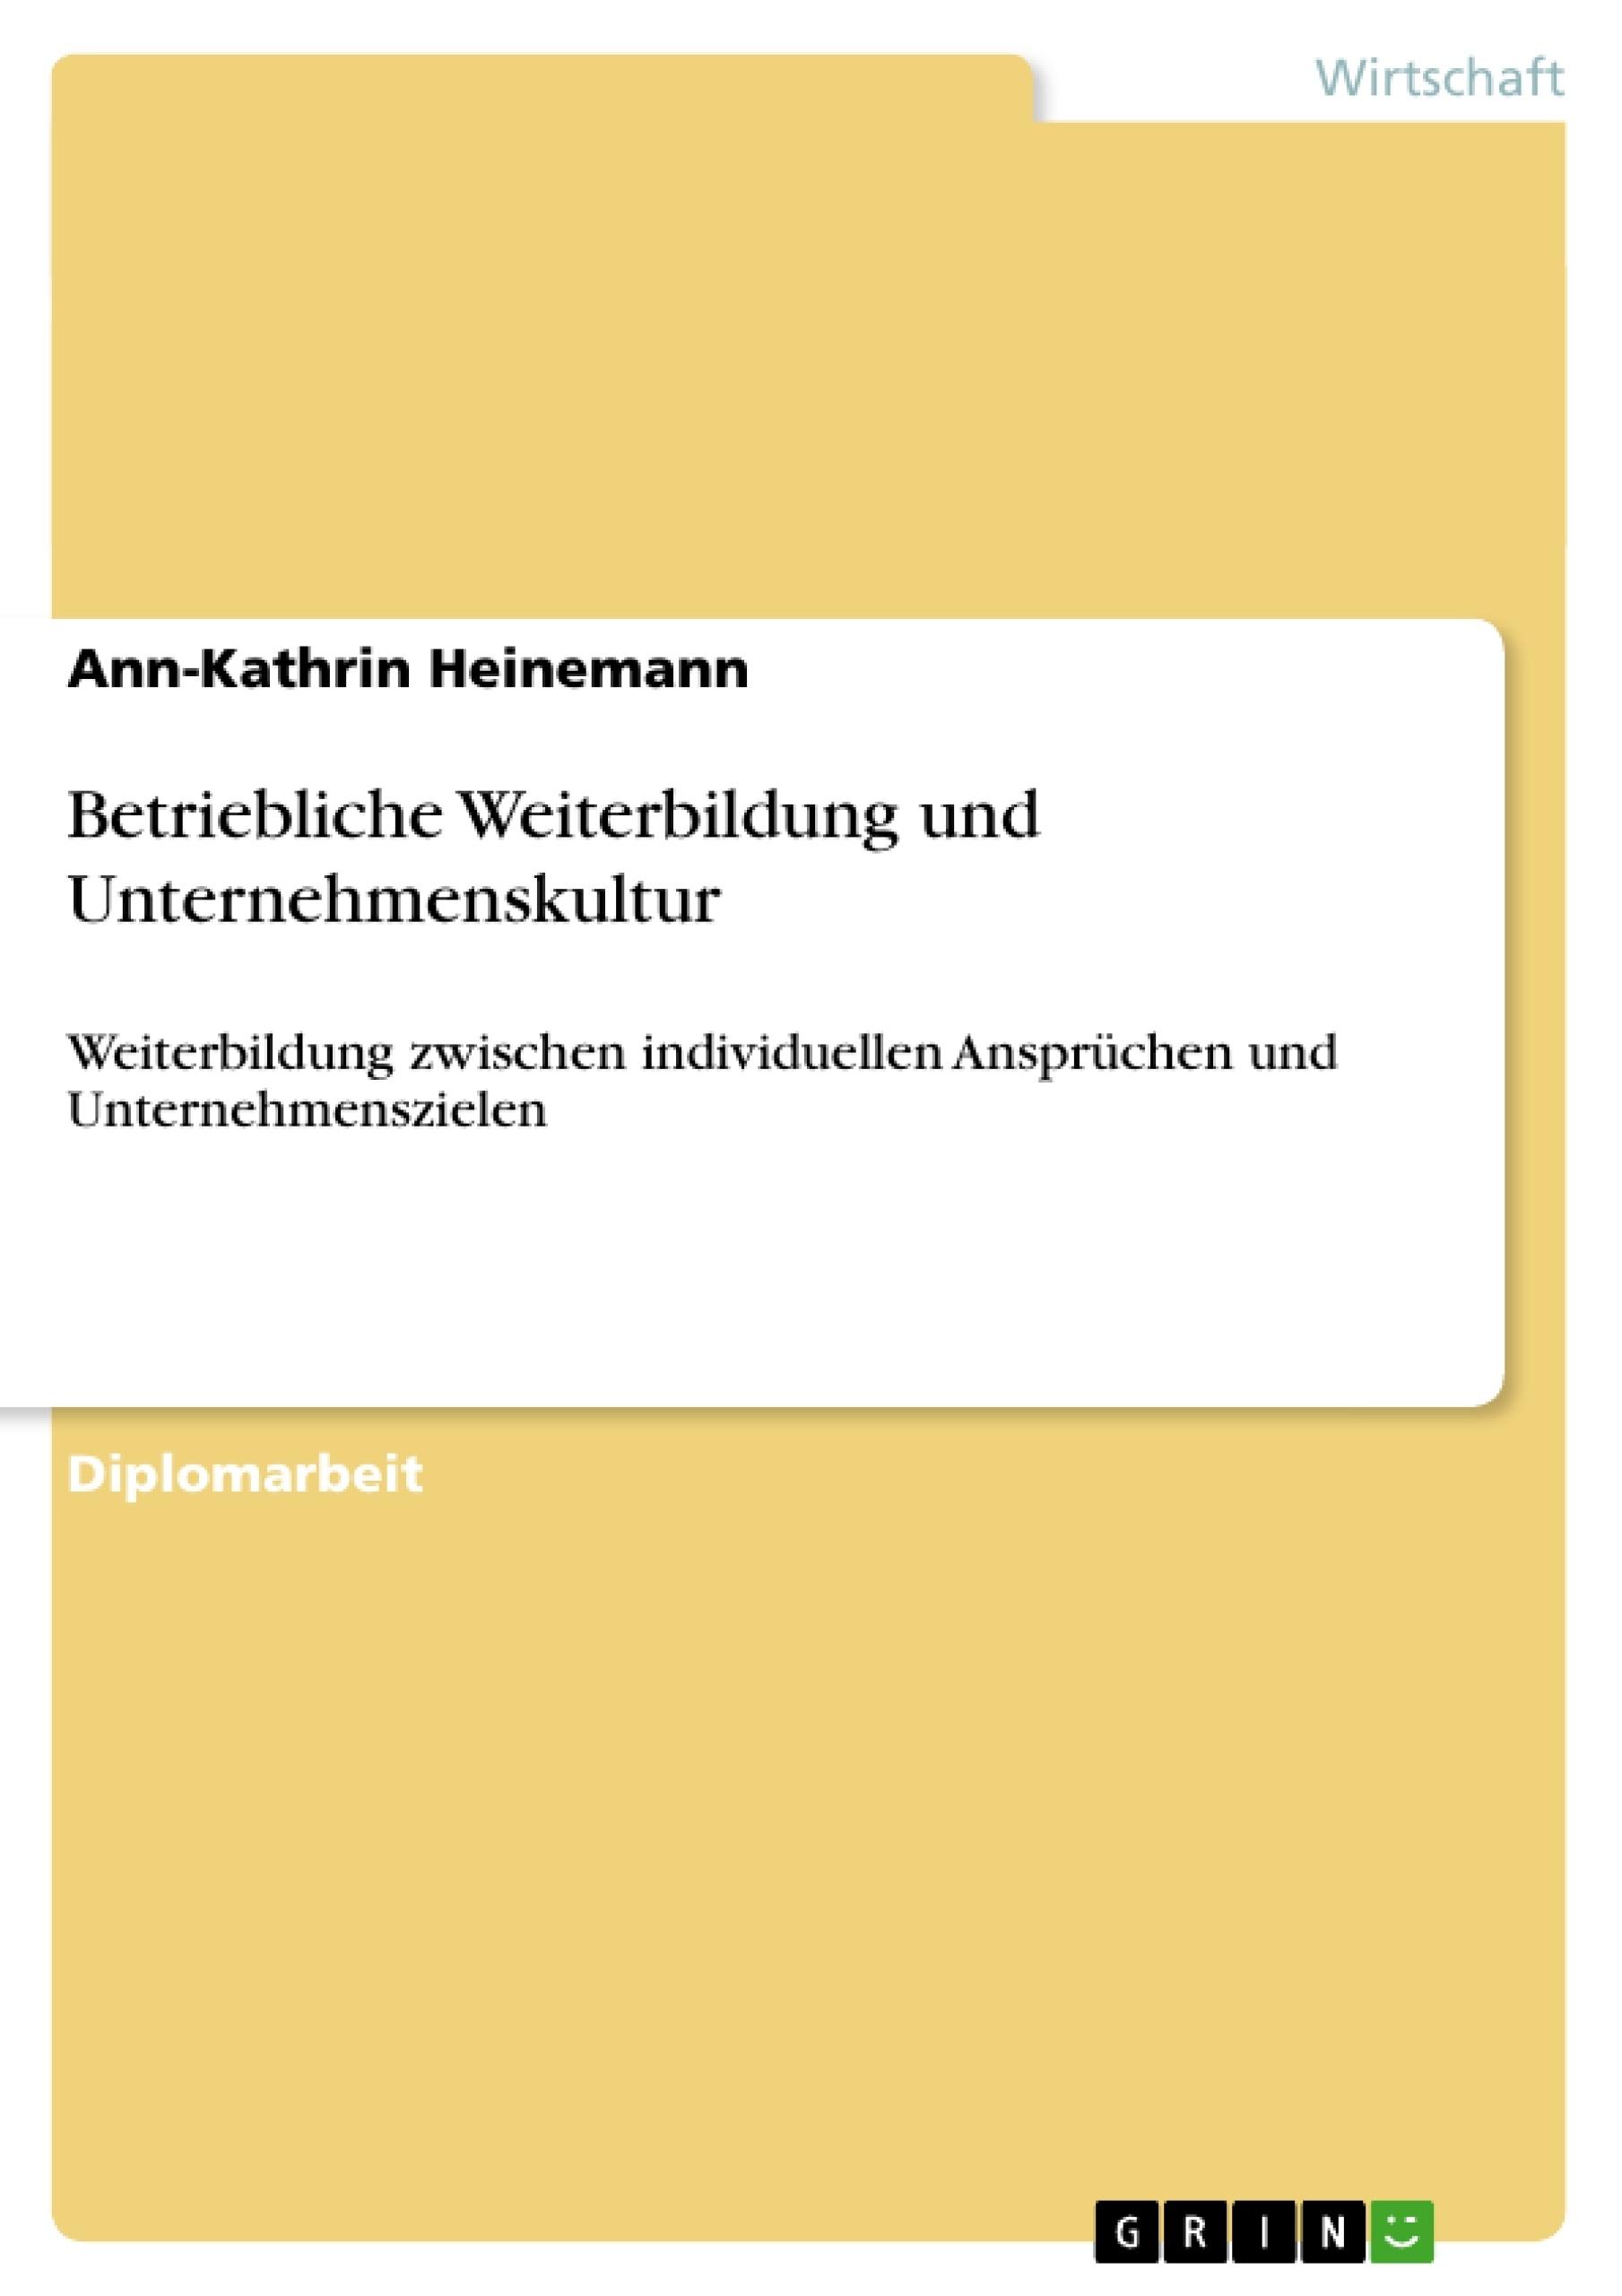 Titel: Betriebliche Weiterbildung und Unternehmenskultur